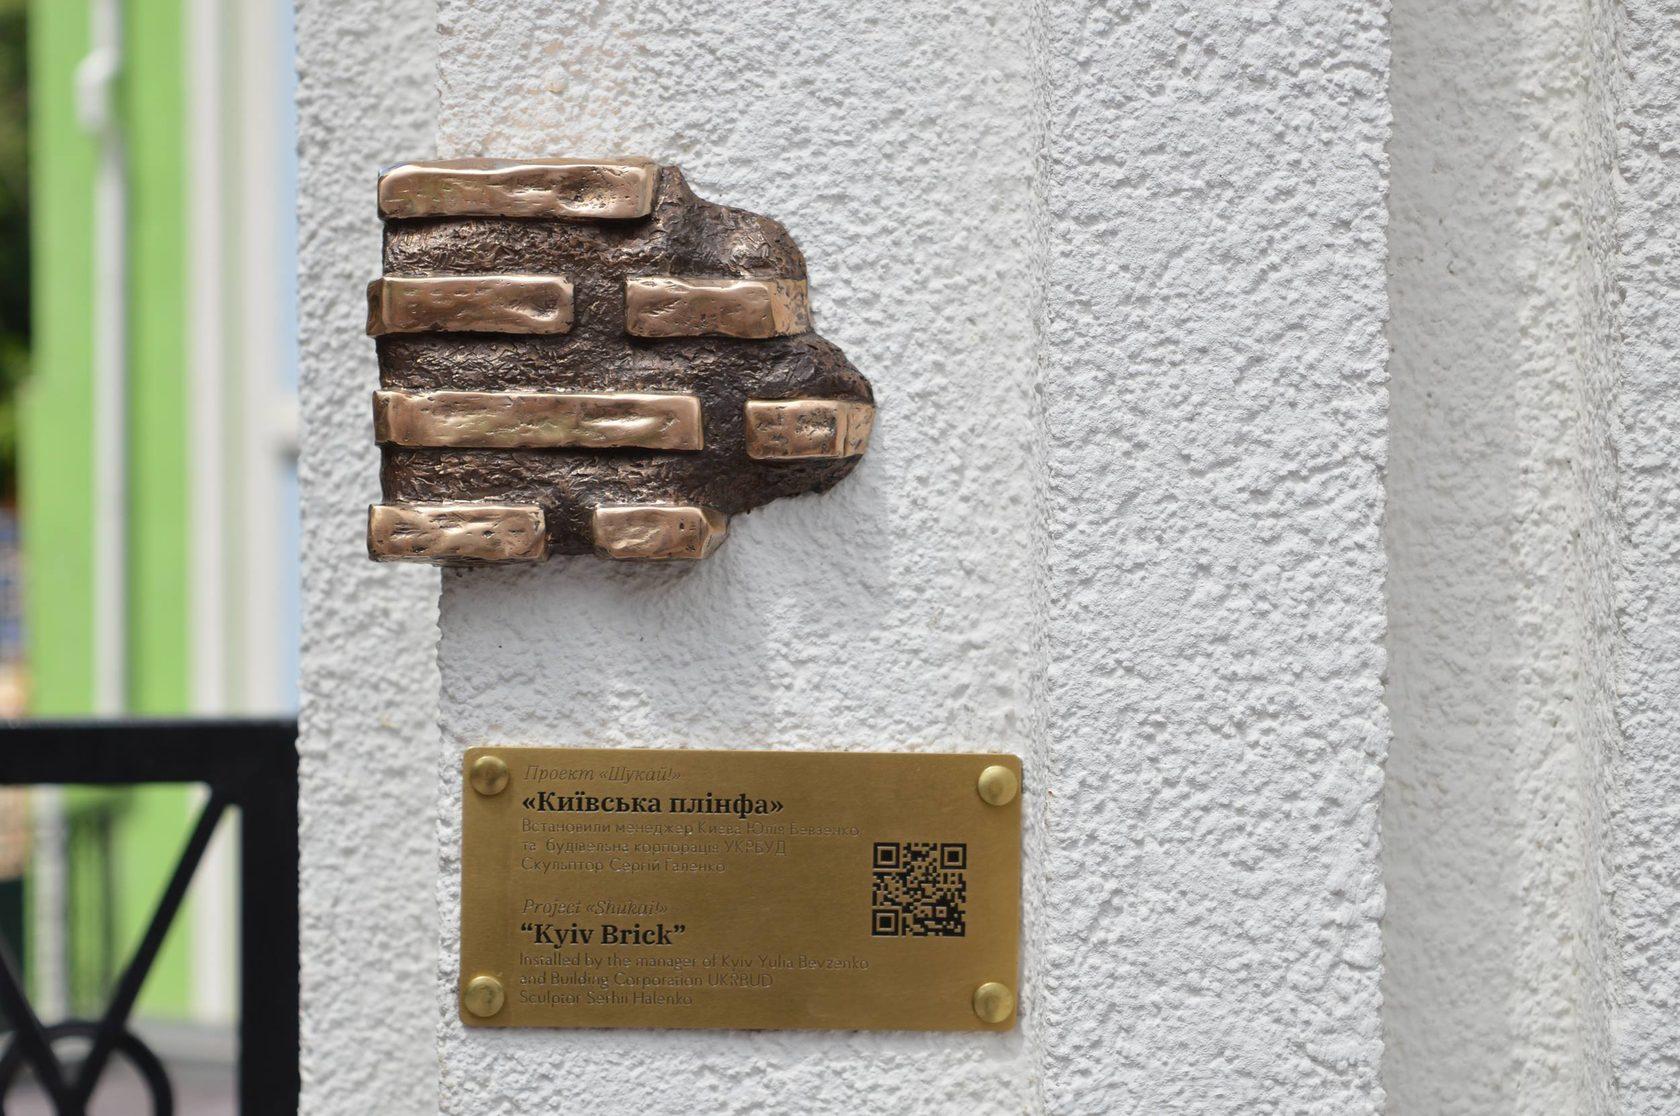 Київська плінфа / Plinth brick